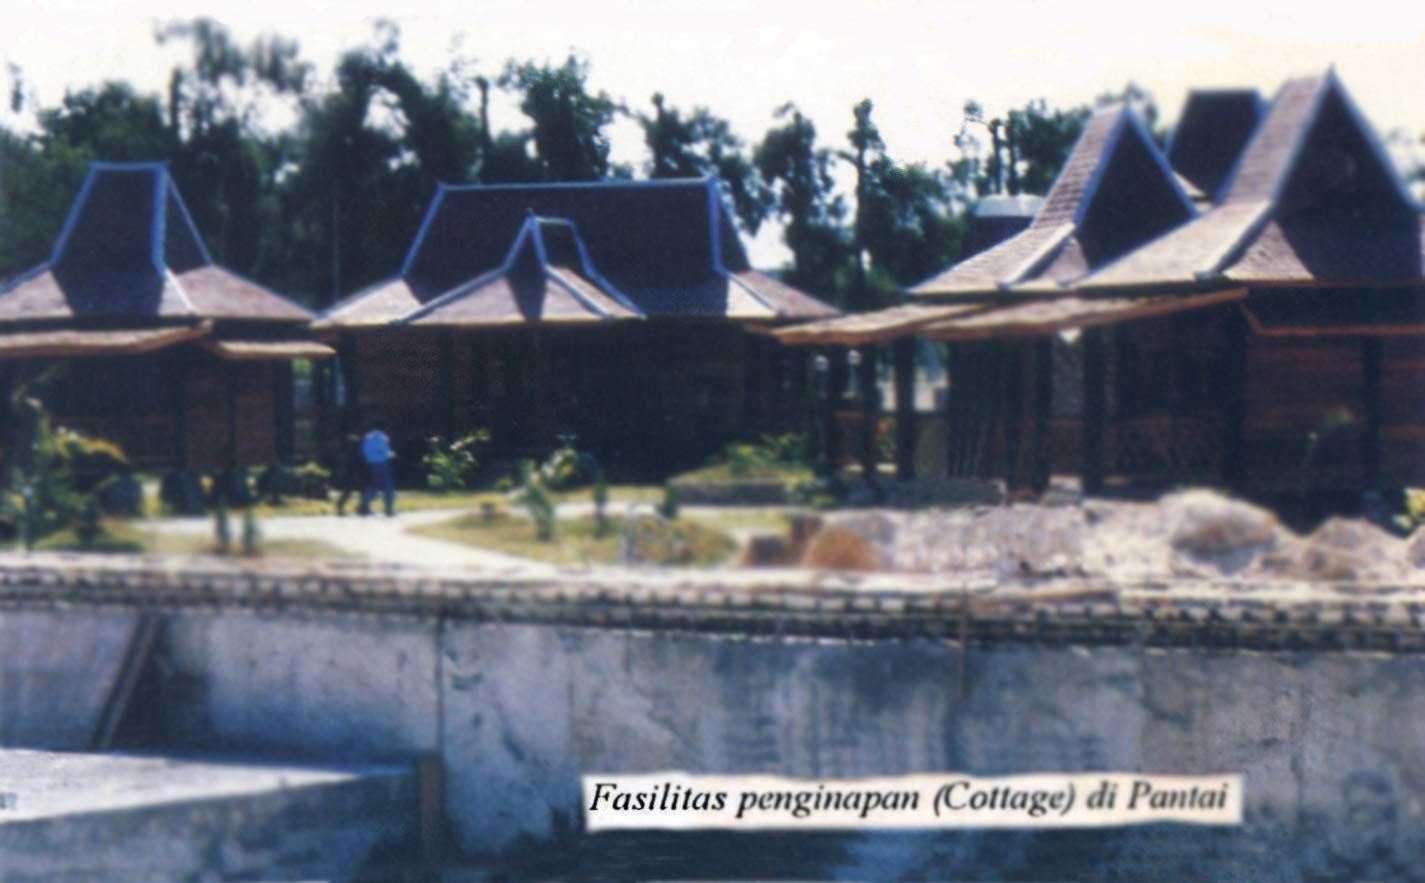 Pantai Camplong Kabupaten Sampang Wisata Jawatimuran Disamping Lebih Menarik Taman